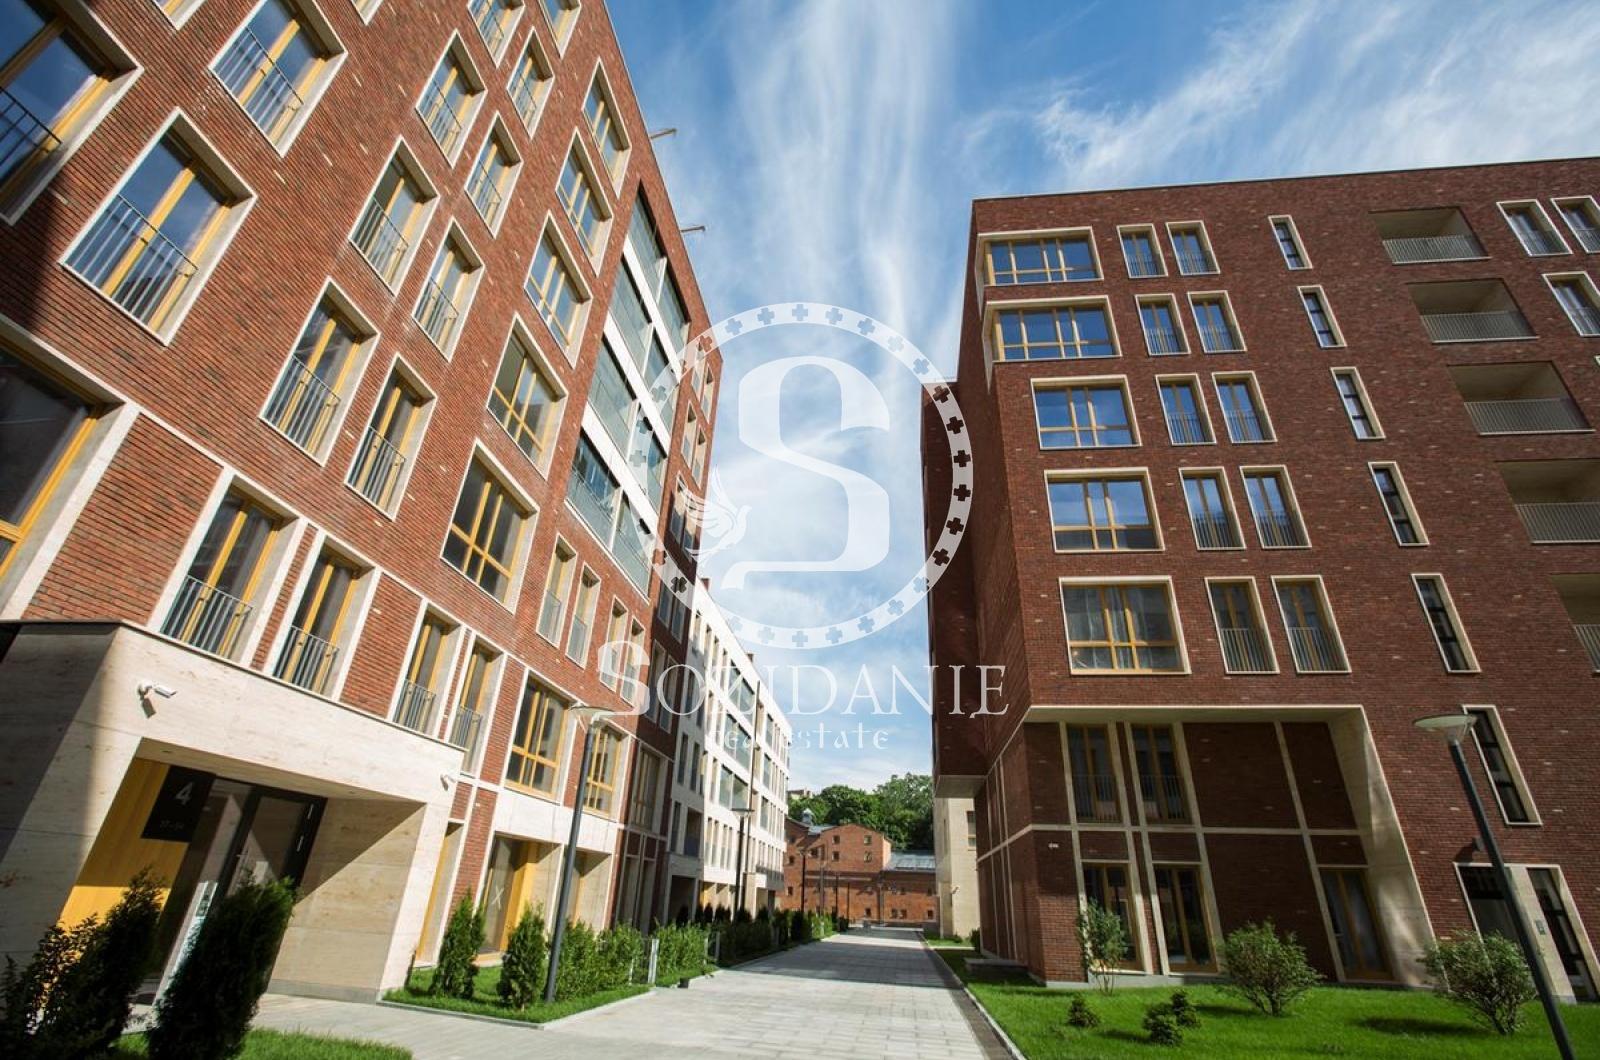 3 Комнаты, Городская, Продажа, Улица Льва Толстого, Listing ID 3620, Москва, Россия,